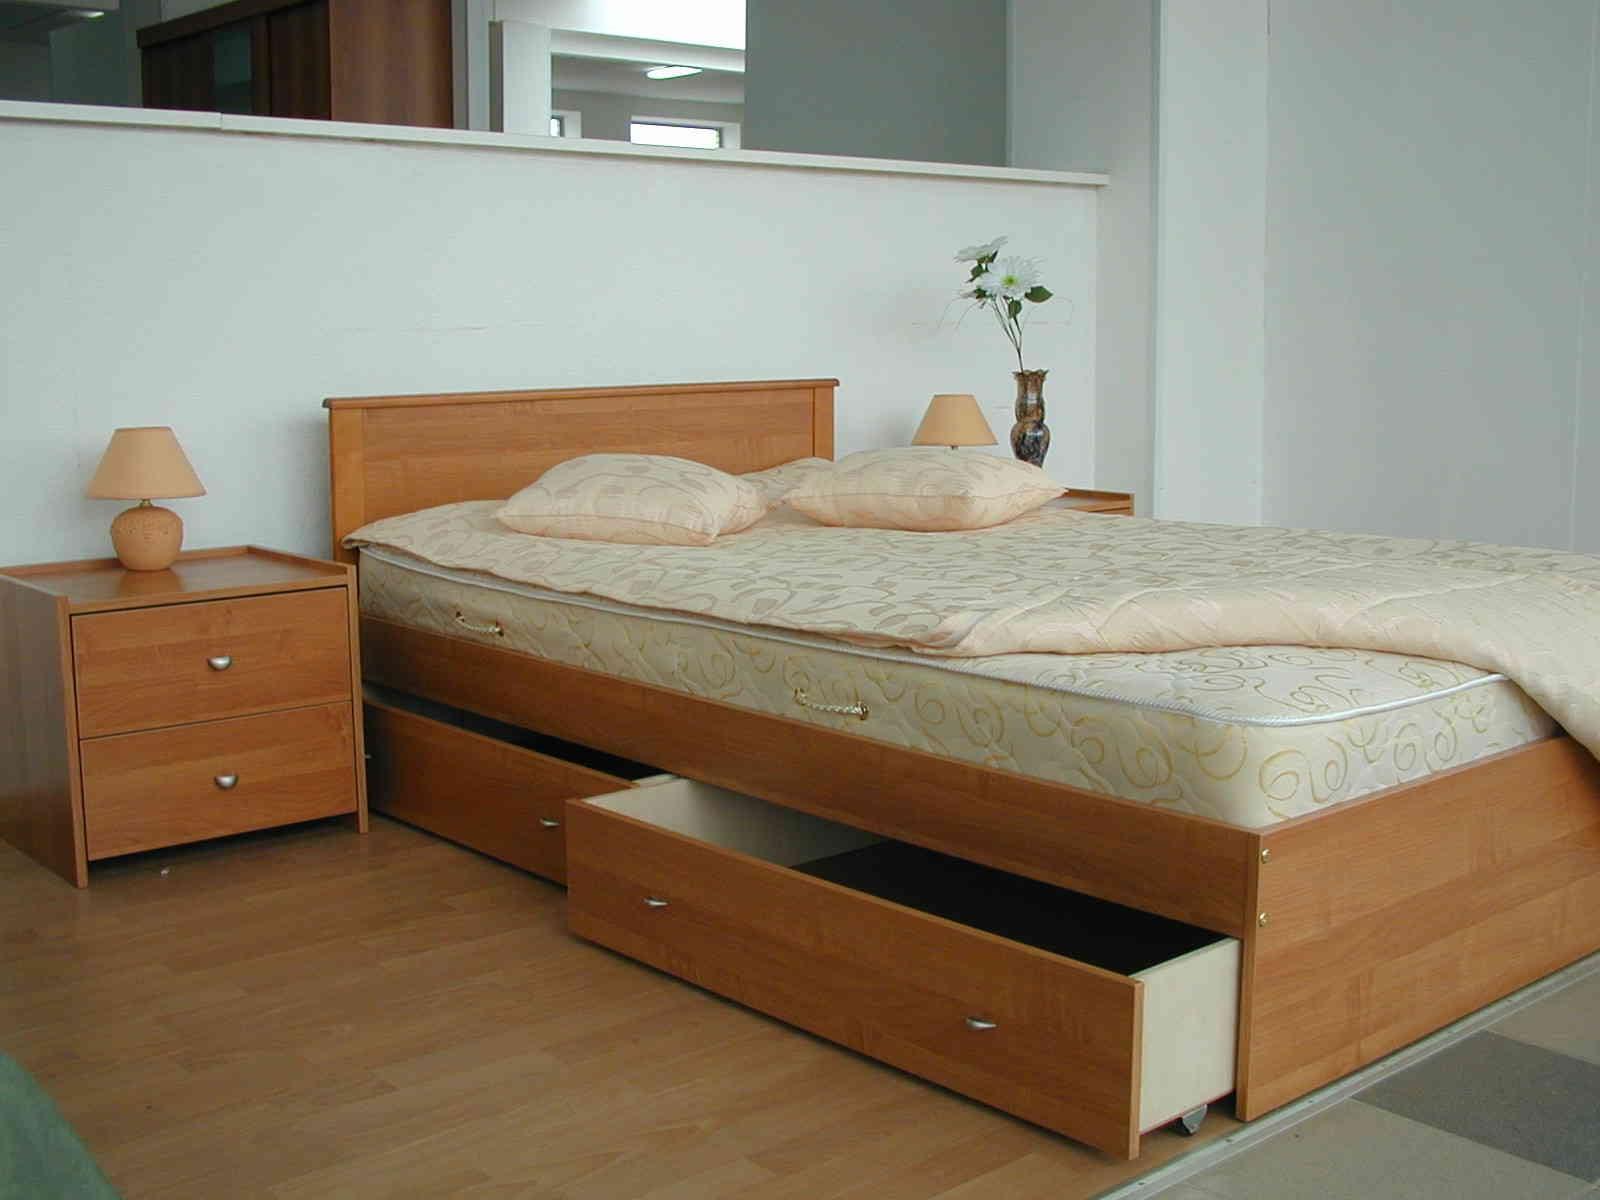 Кровать-подиум с нишей для хранения вещей